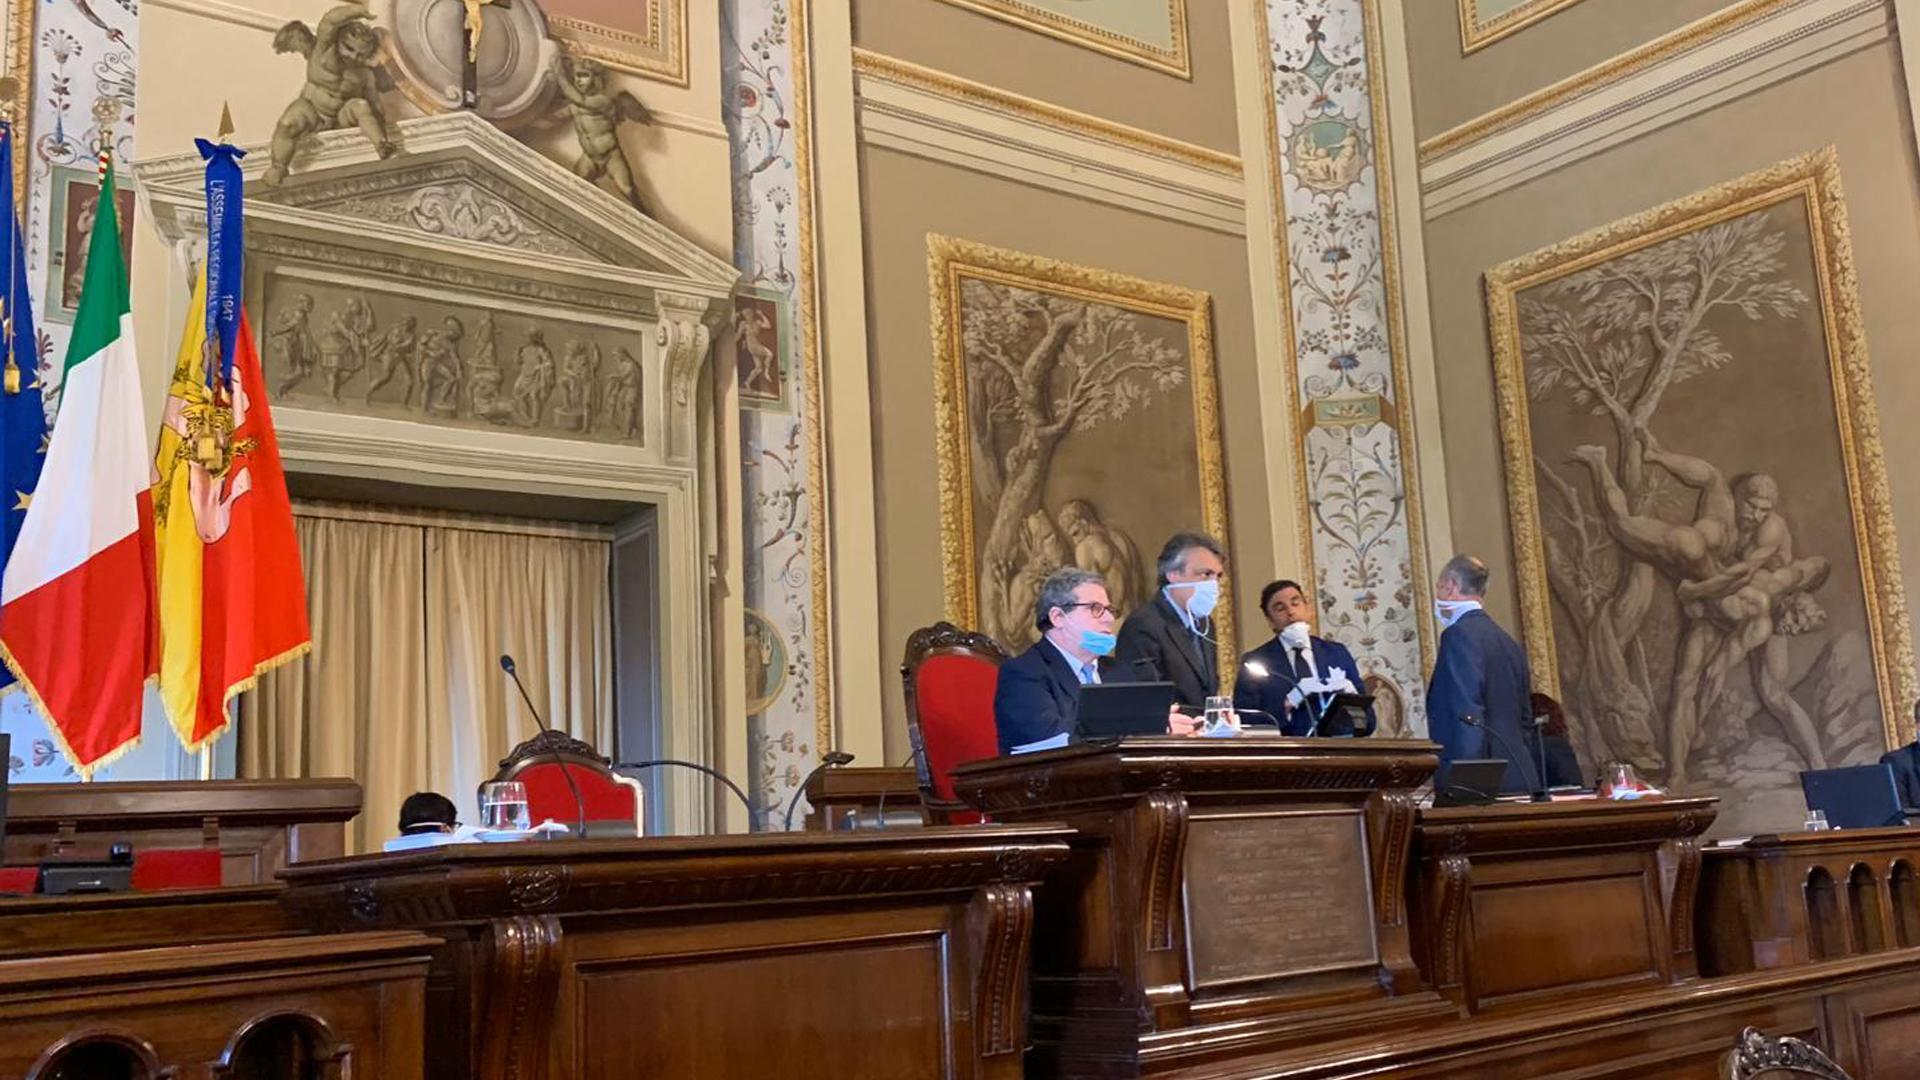 Assemblea regionale siciliana, dal 4 agosto va in vacanza